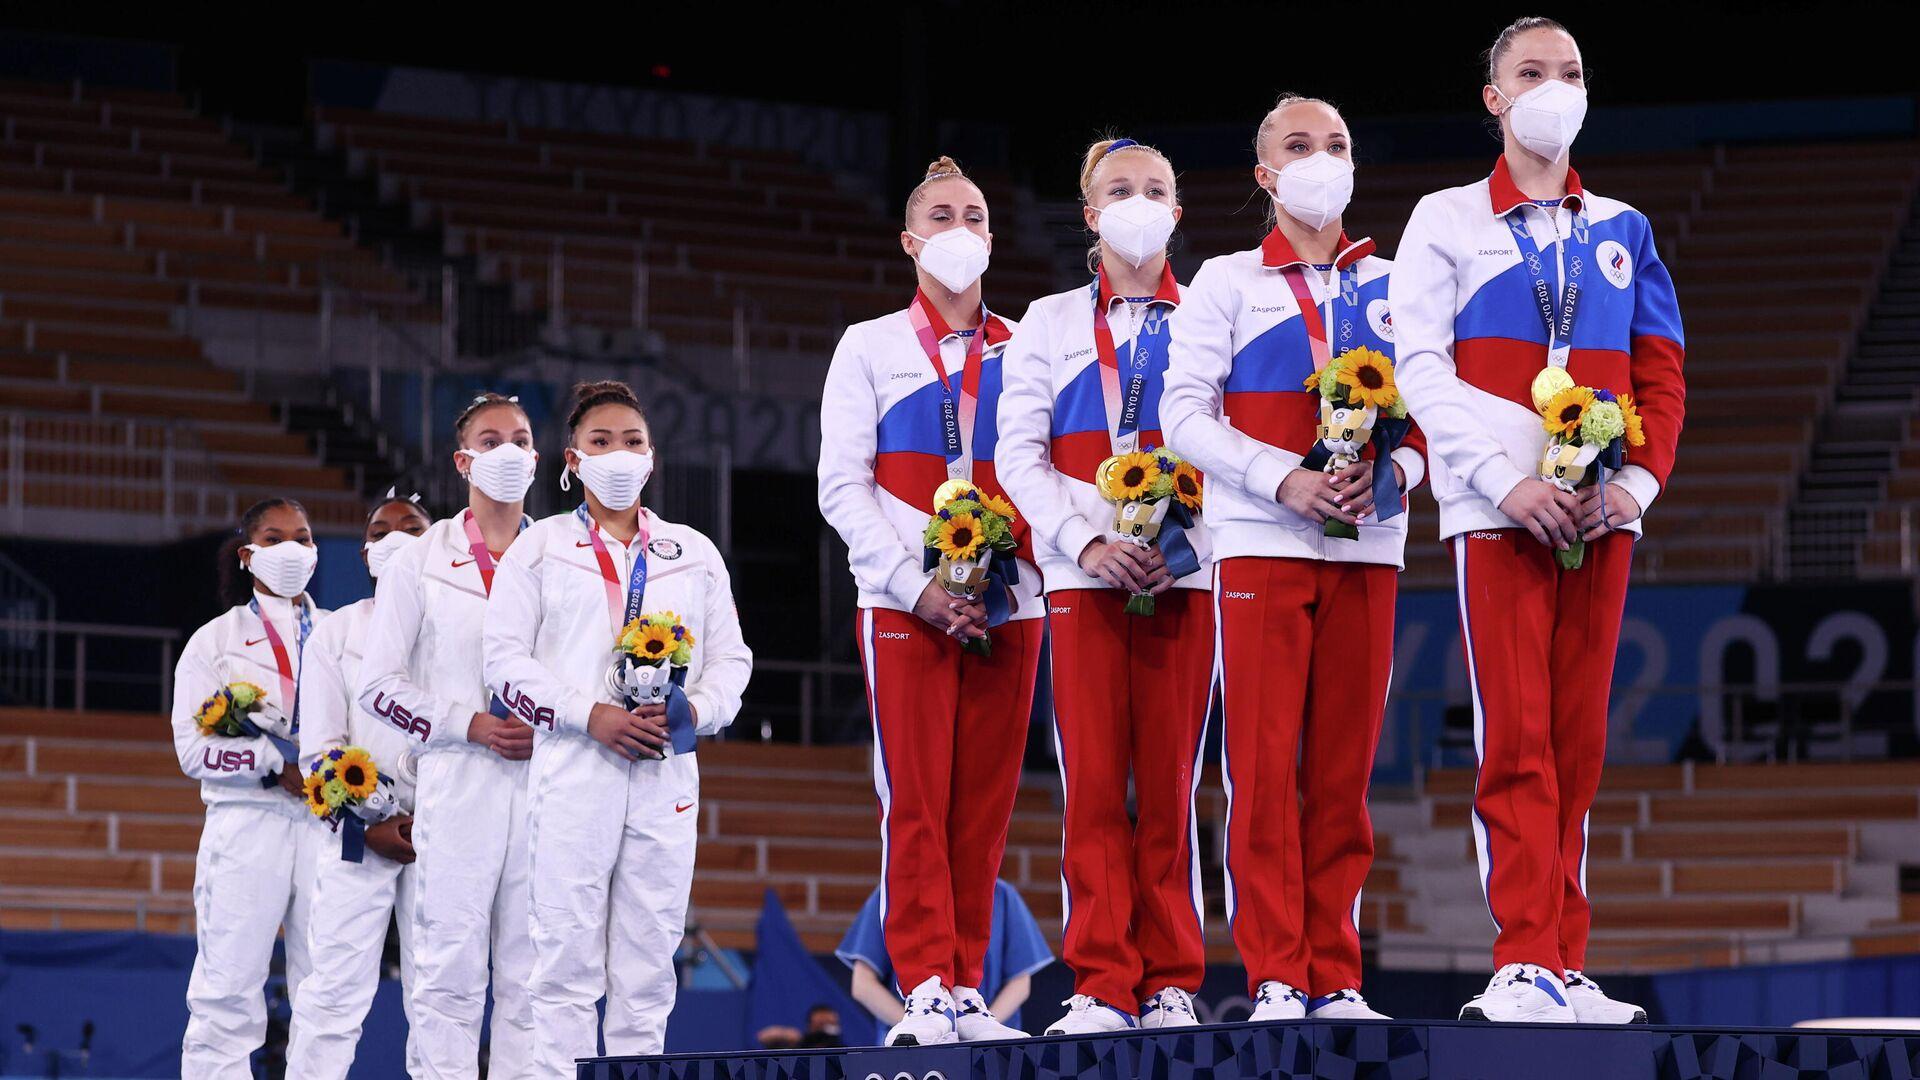 Гимнастки сборных США и России (слева направо) во время церемонии награждения - РИА Новости, 1920, 27.07.2021